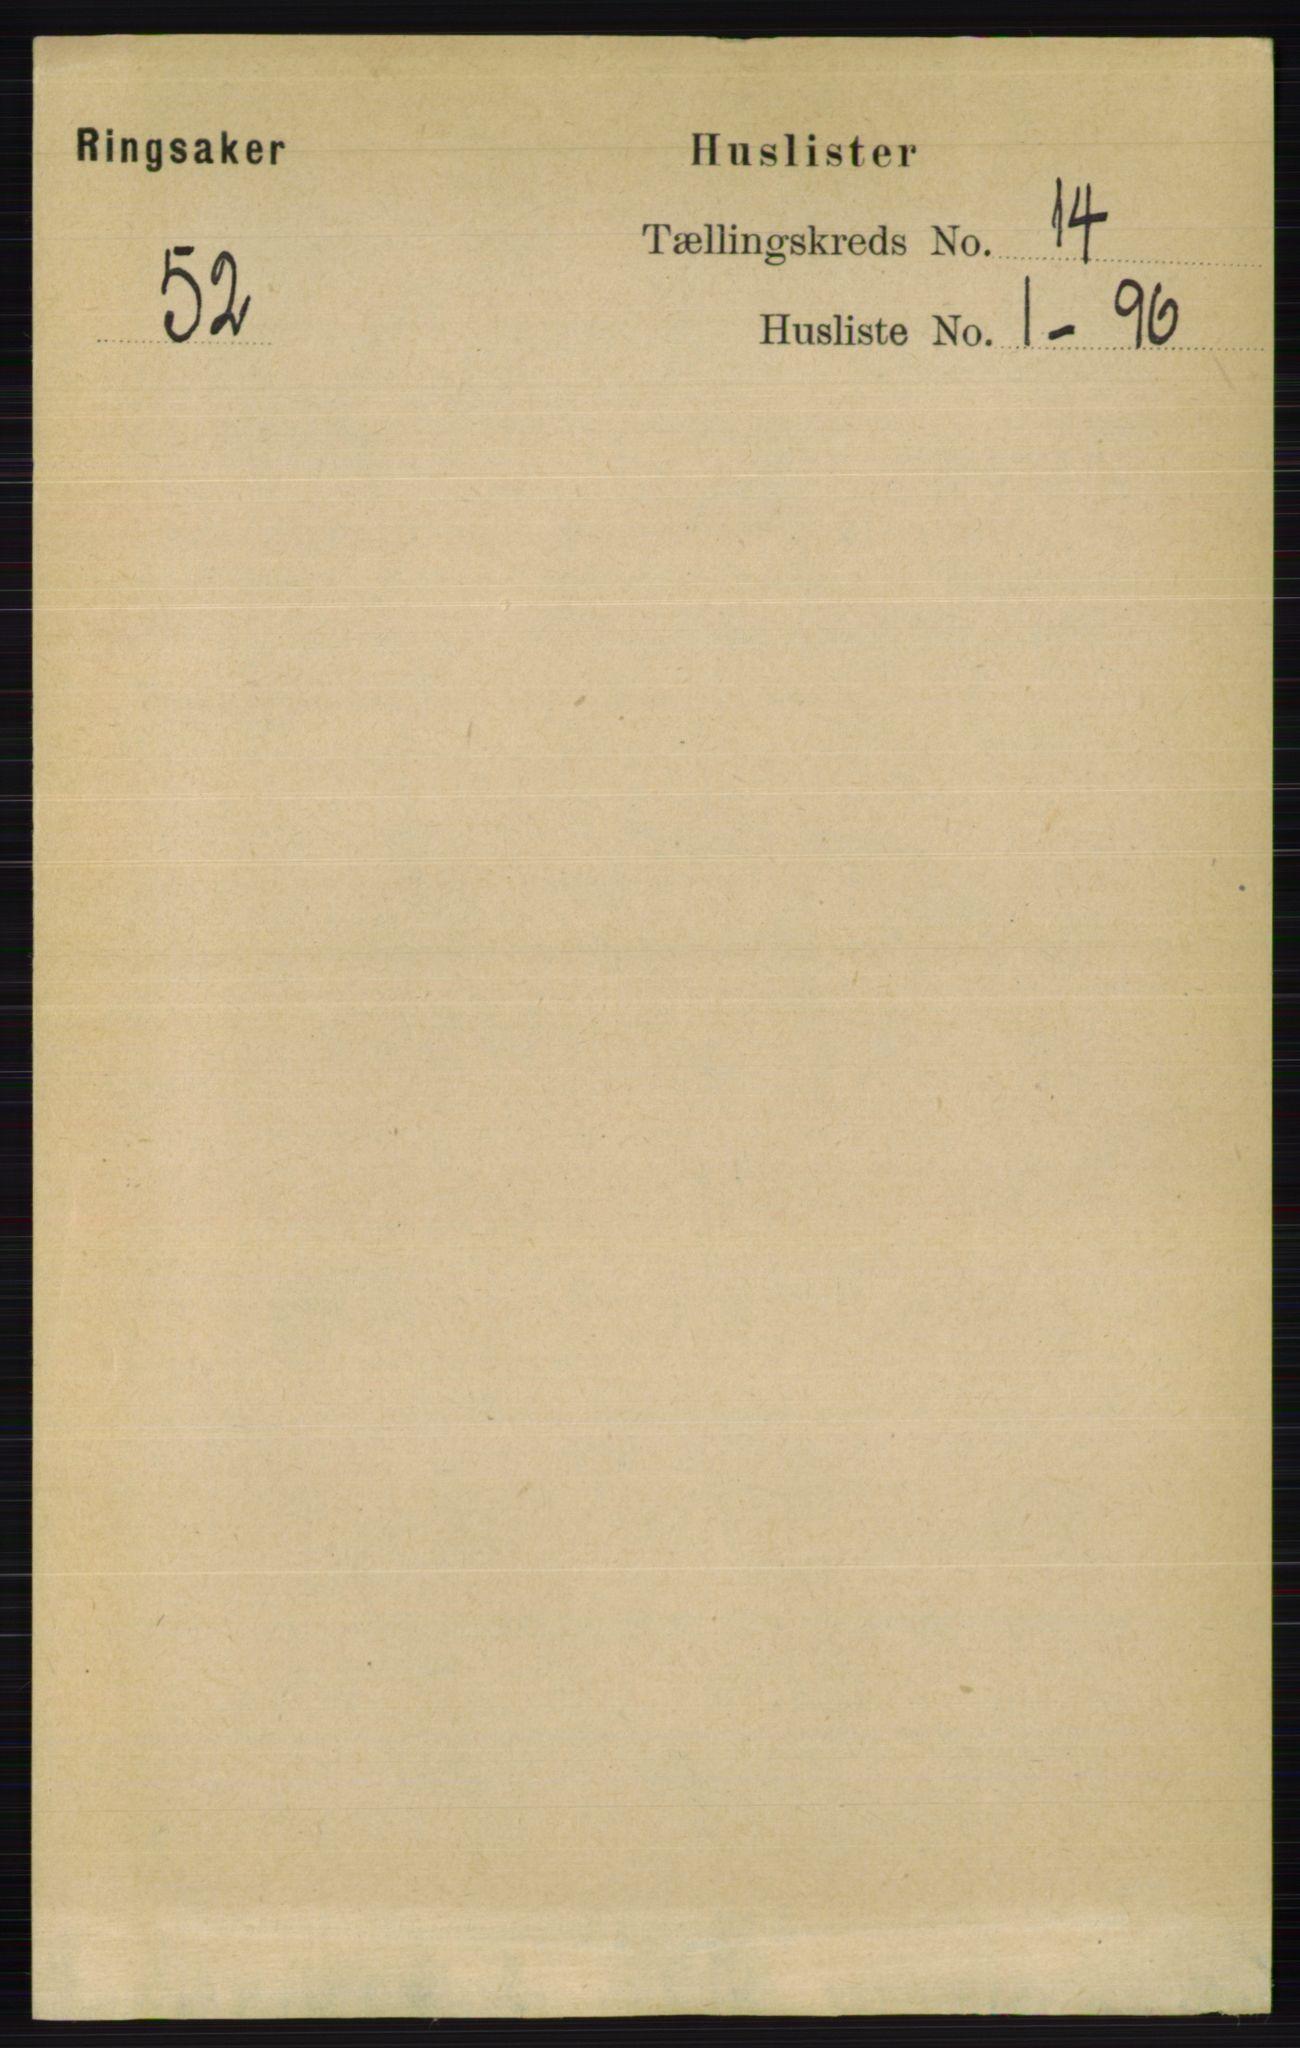 RA, Folketelling 1891 for 0412 Ringsaker herred, 1891, s. 7769